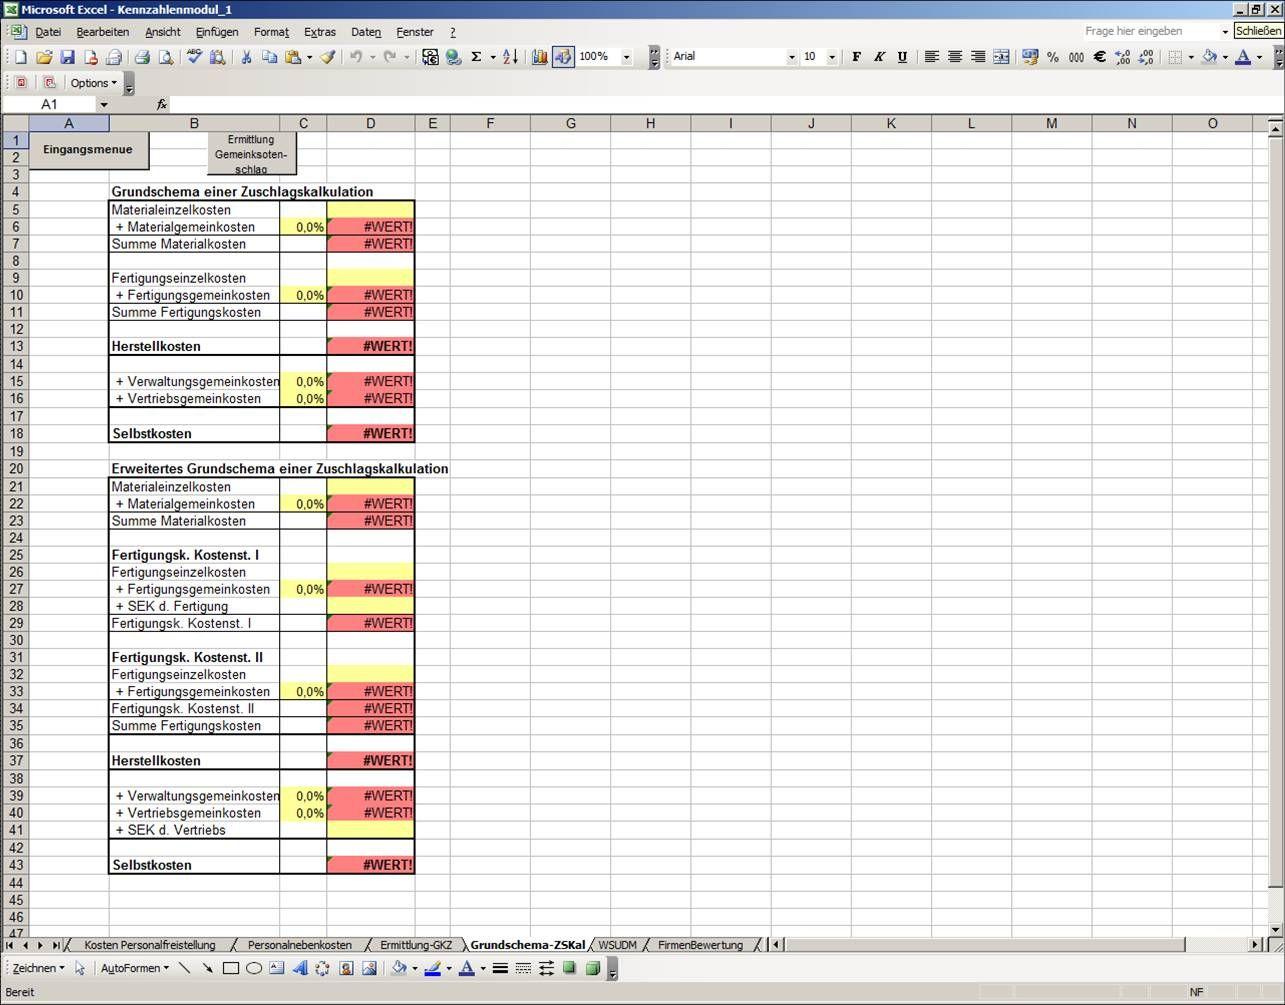 Großzügig Monatliche Zeitplanvorlage Excel Bilder - Entry Level ...